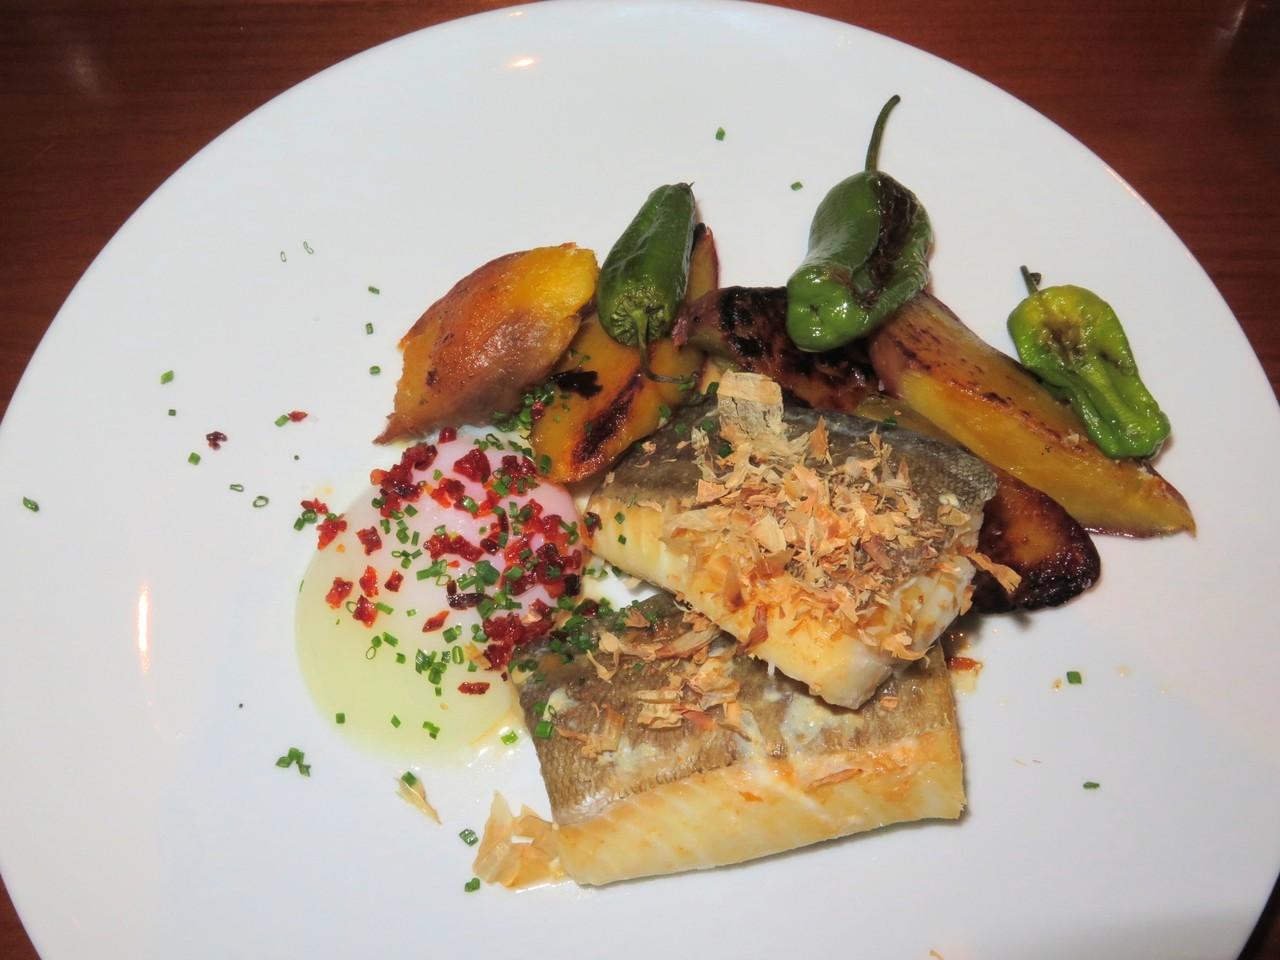 Bacalhau com miso, katsuobushi, ovo BT, batata-doce e pimentos de Padrón